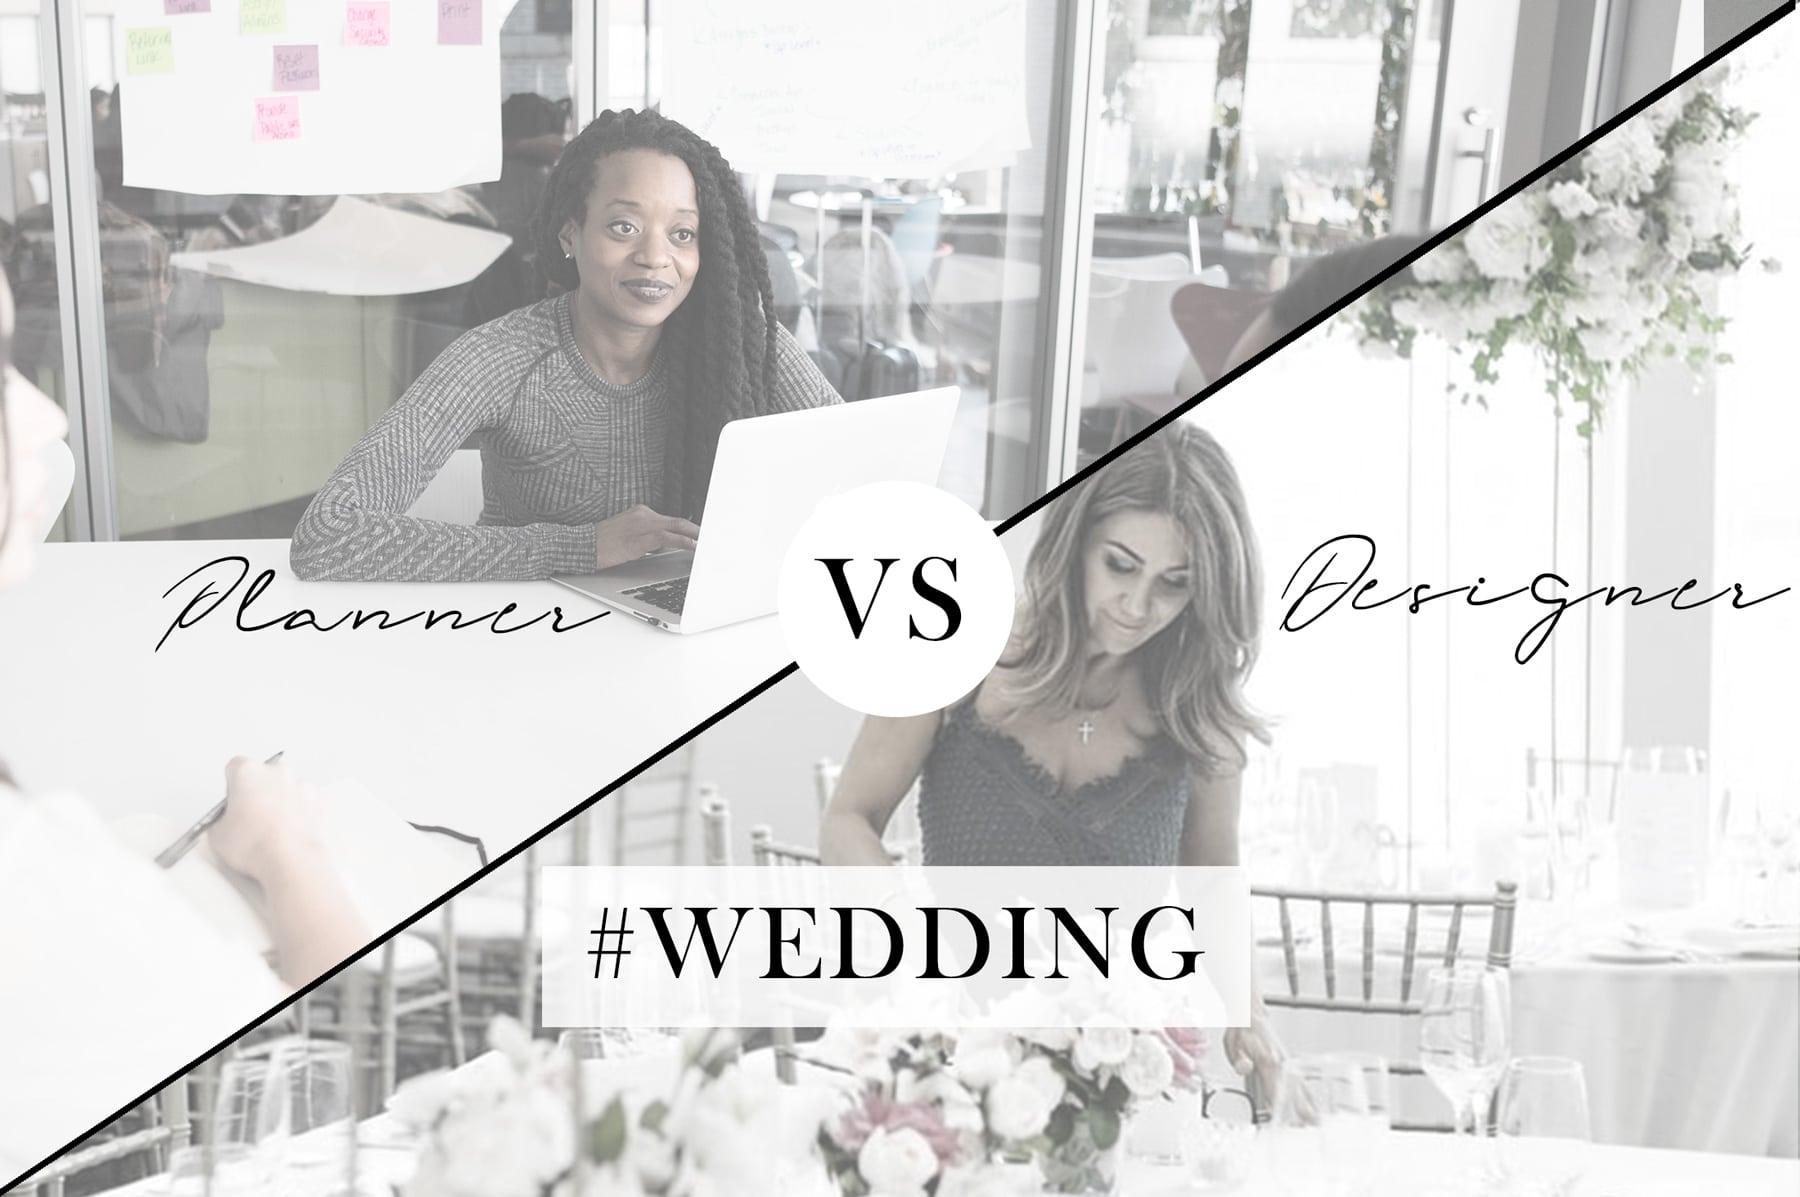 différence entre wedding planner et wedding designer